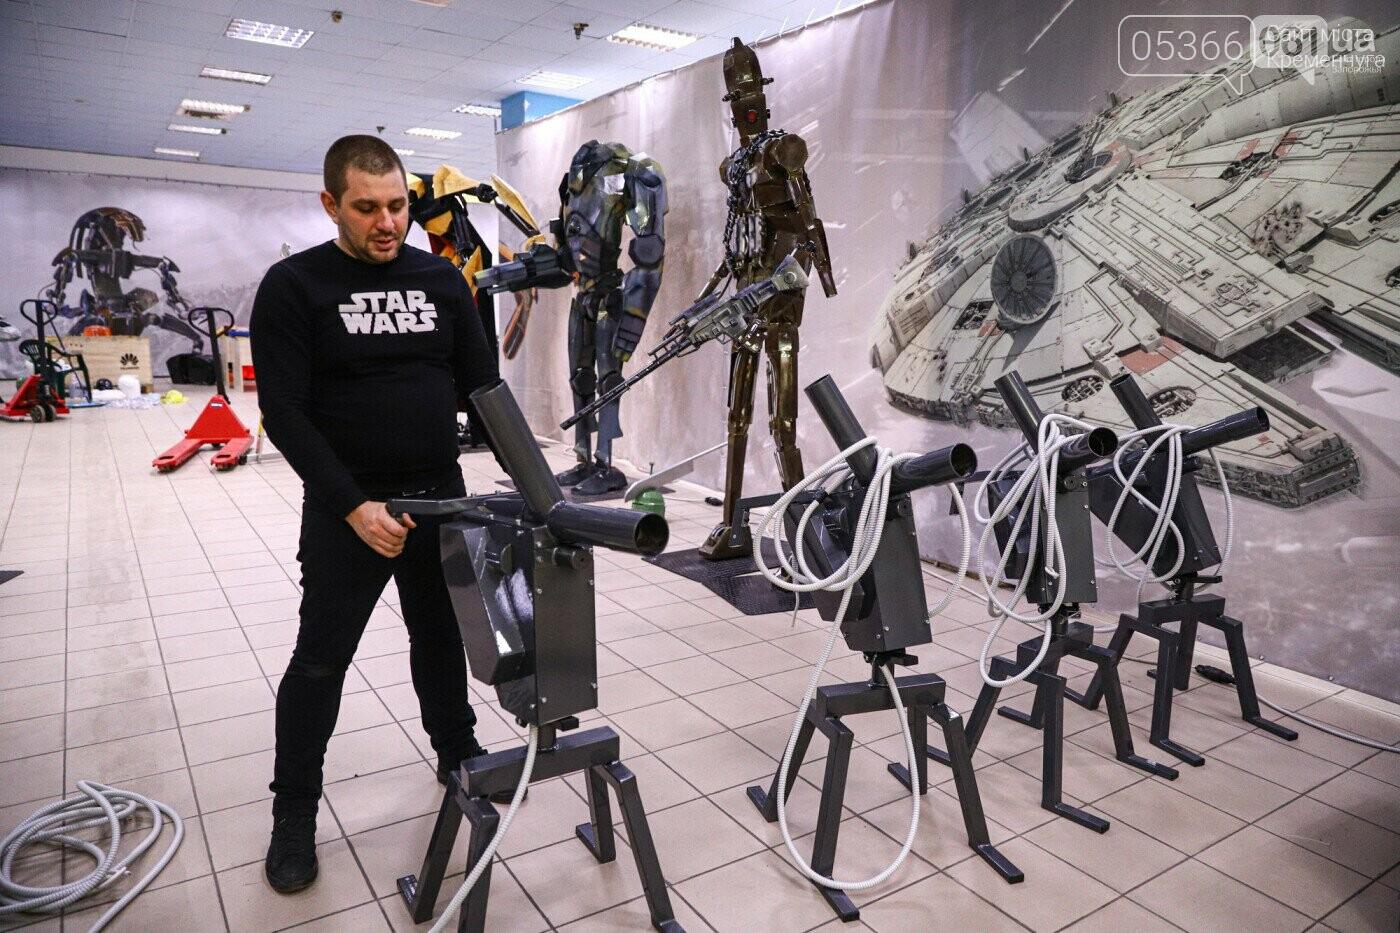 Звездолеты, роботы и Мастер Йода — в Кременчуге откроется крутая выставка, фото-7